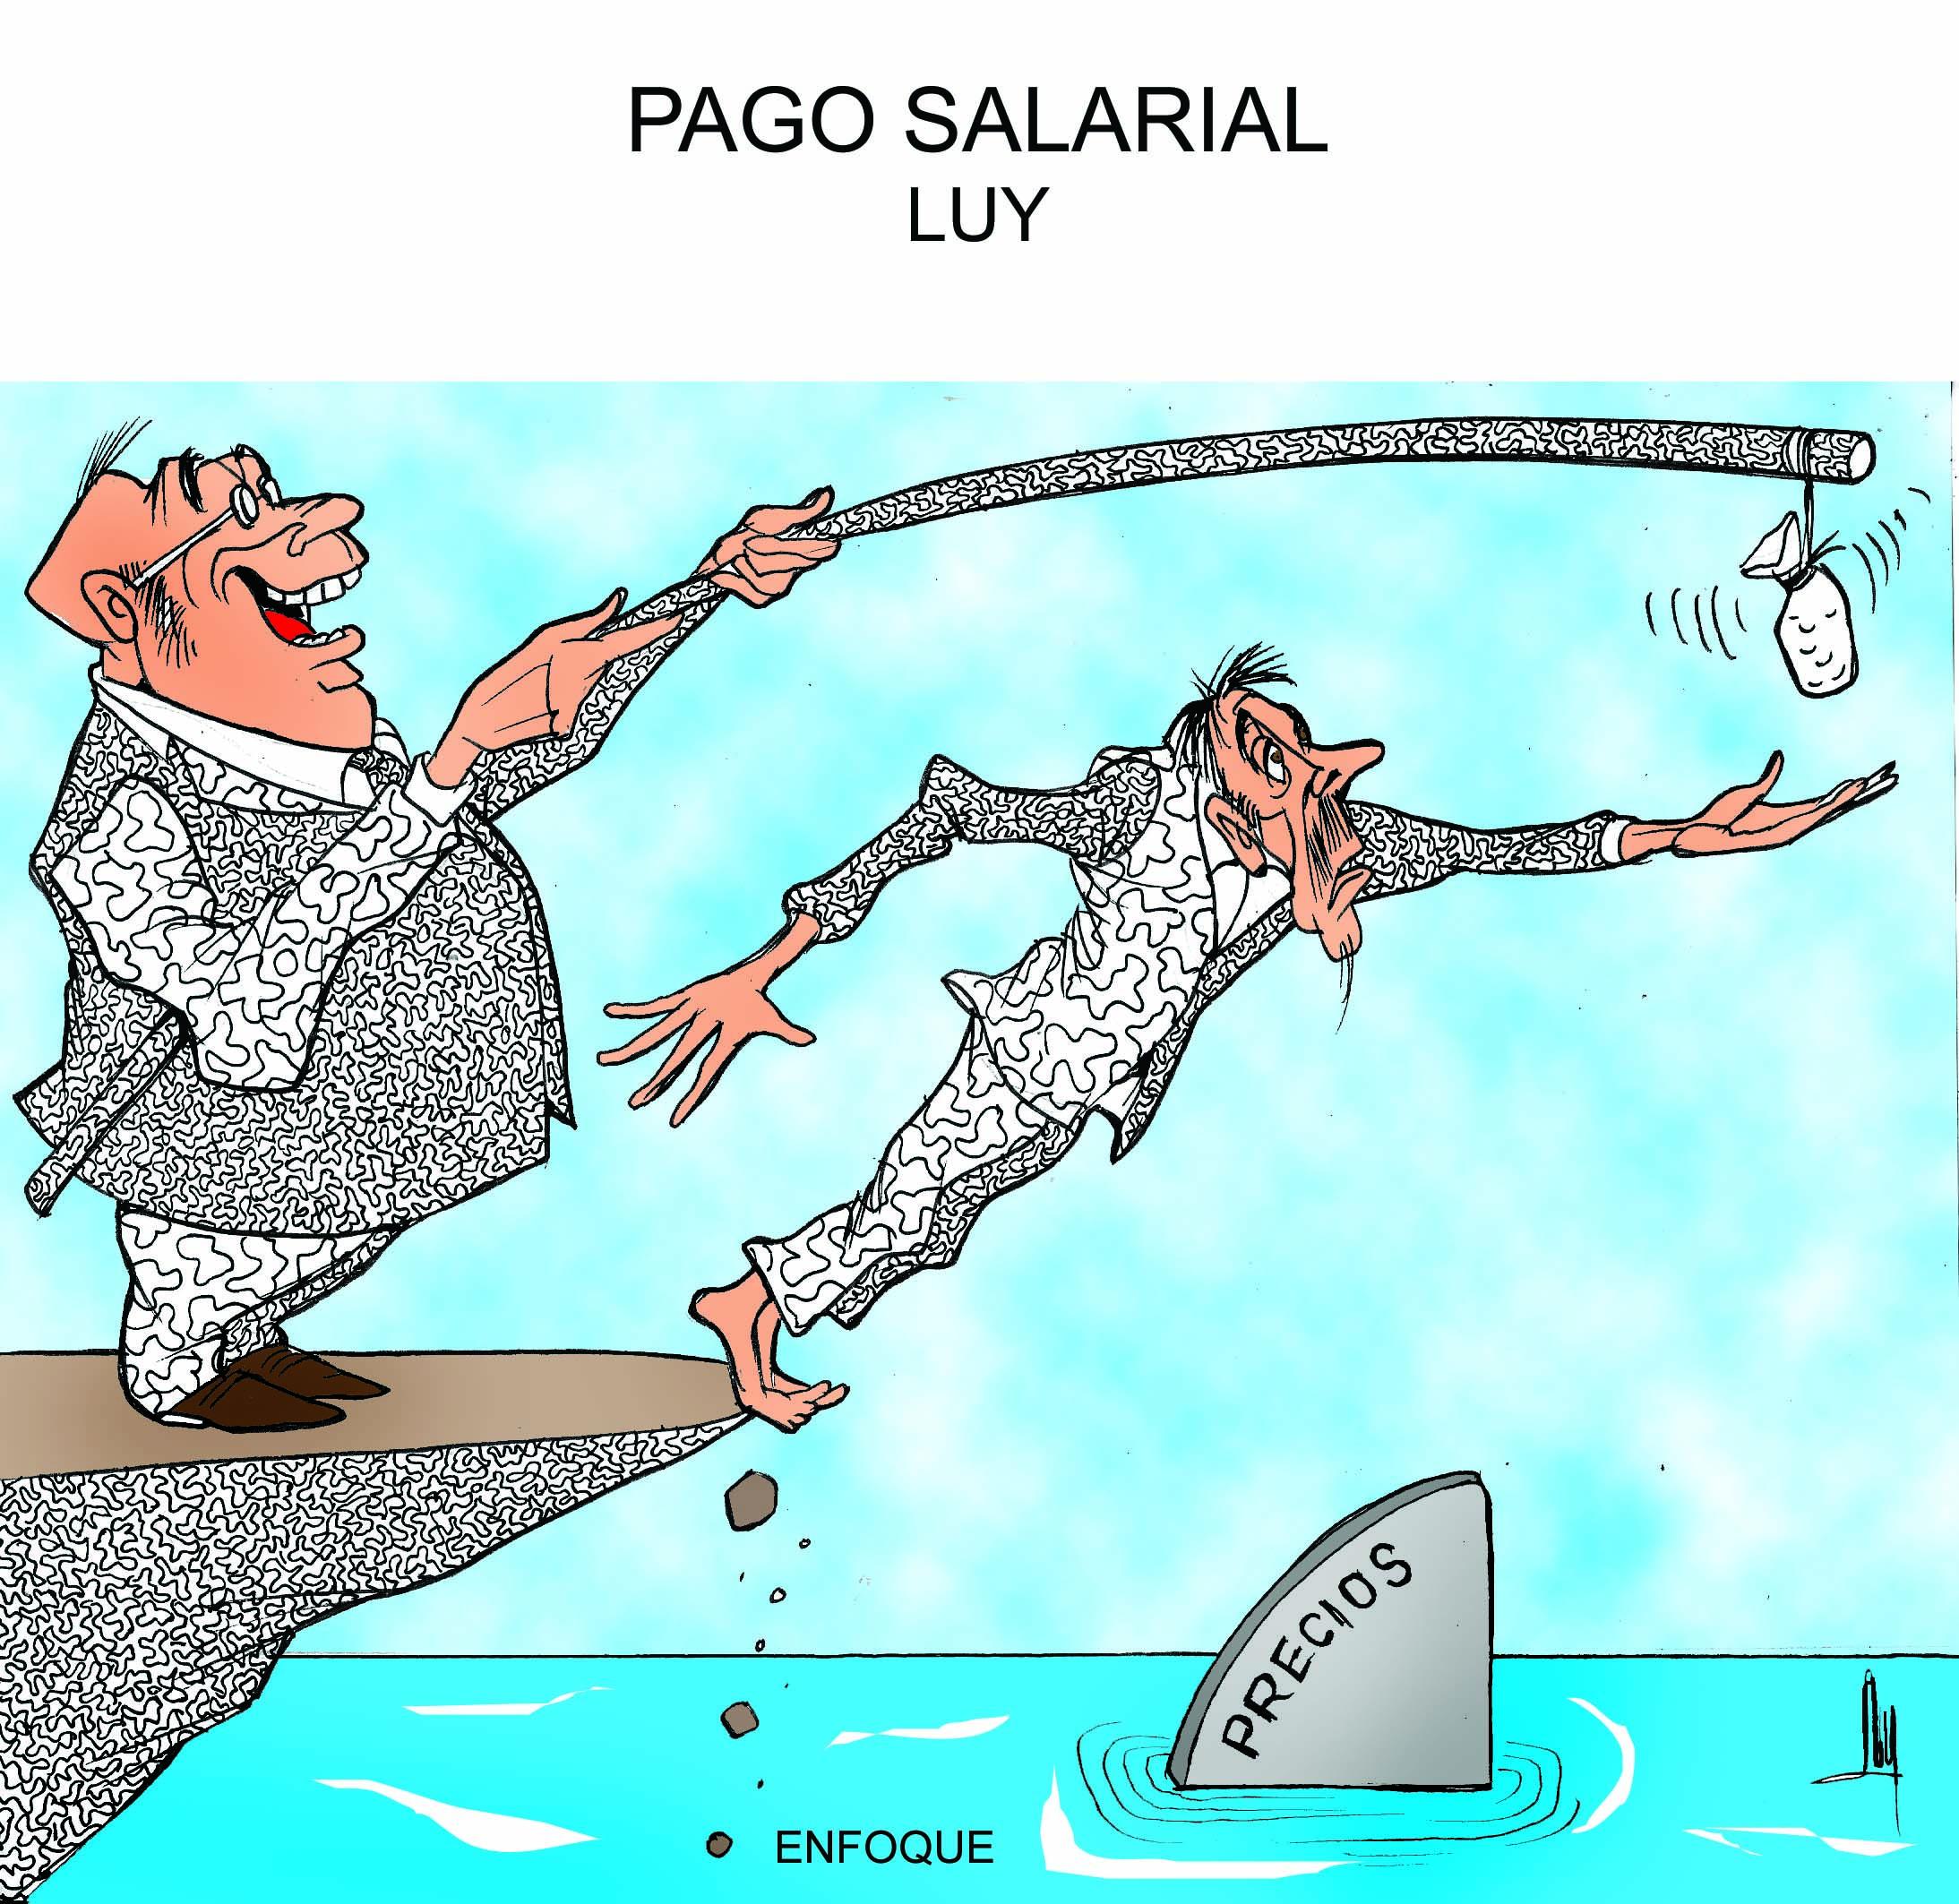 pago-salarial